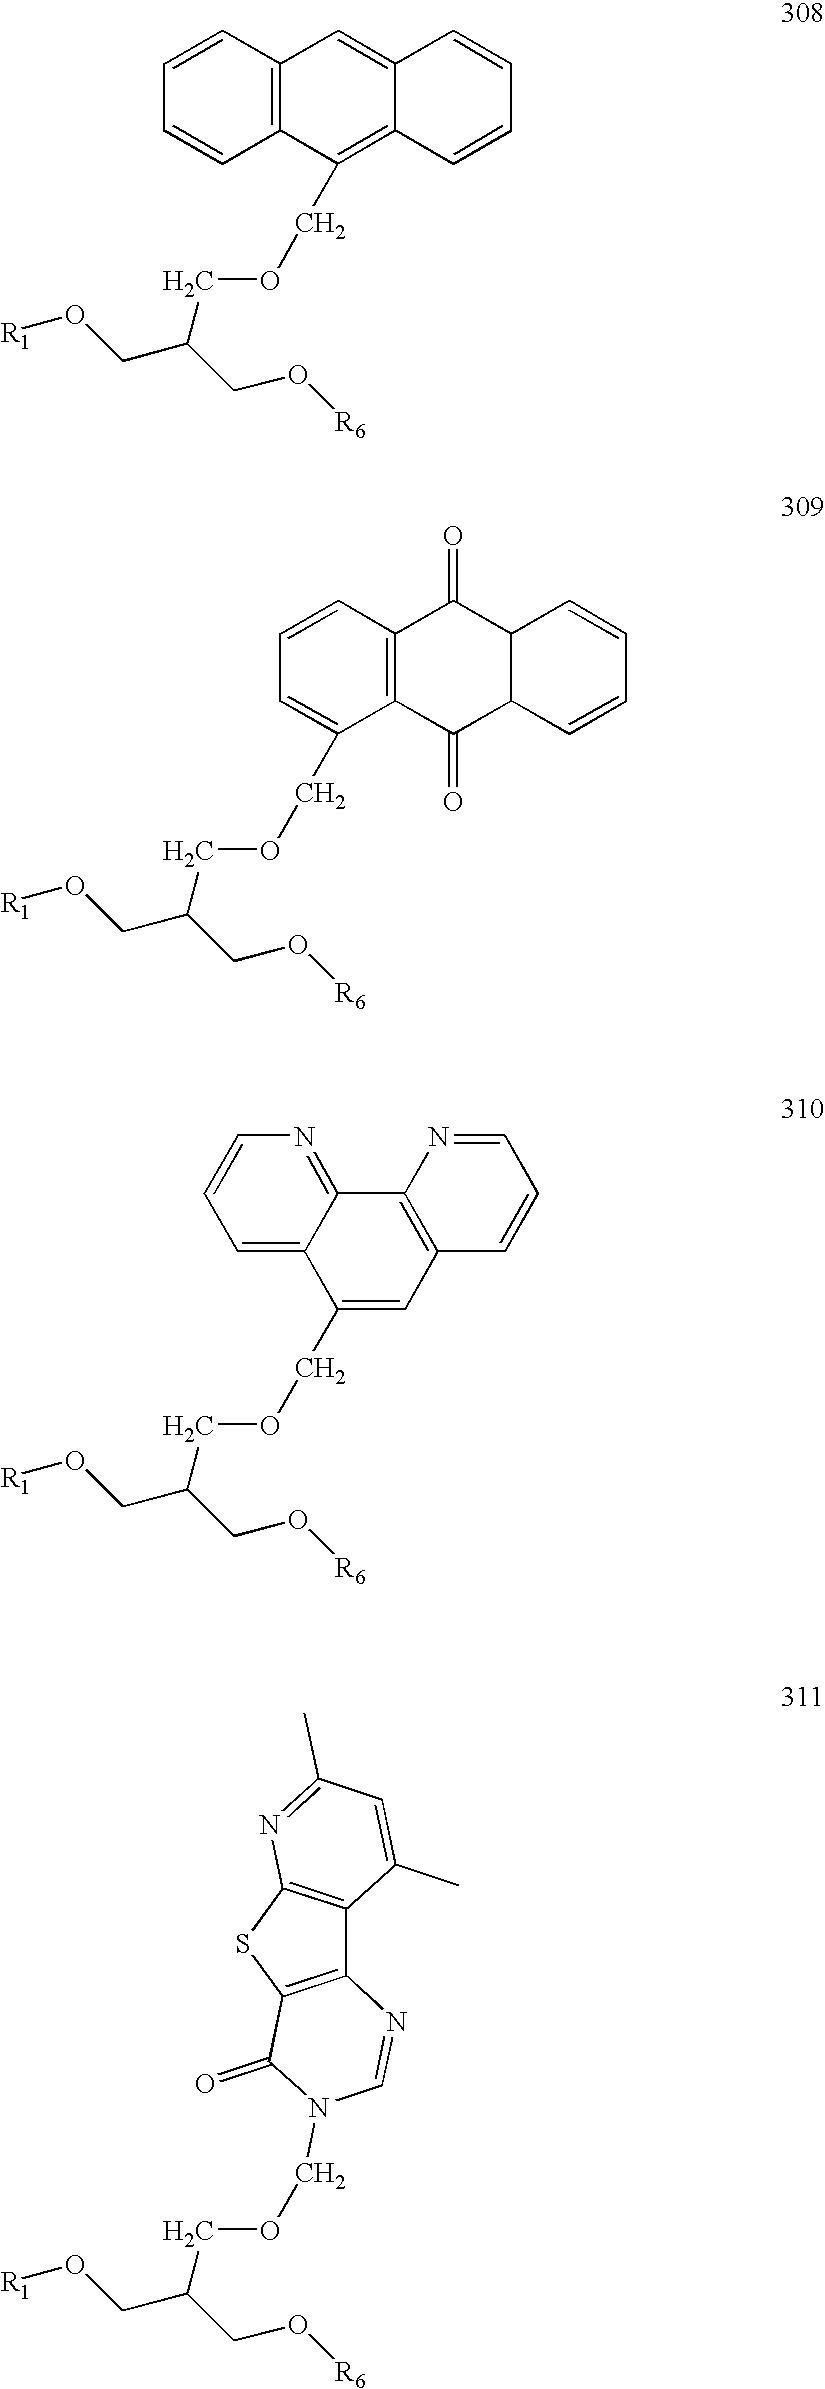 Figure US20060014144A1-20060119-C00156